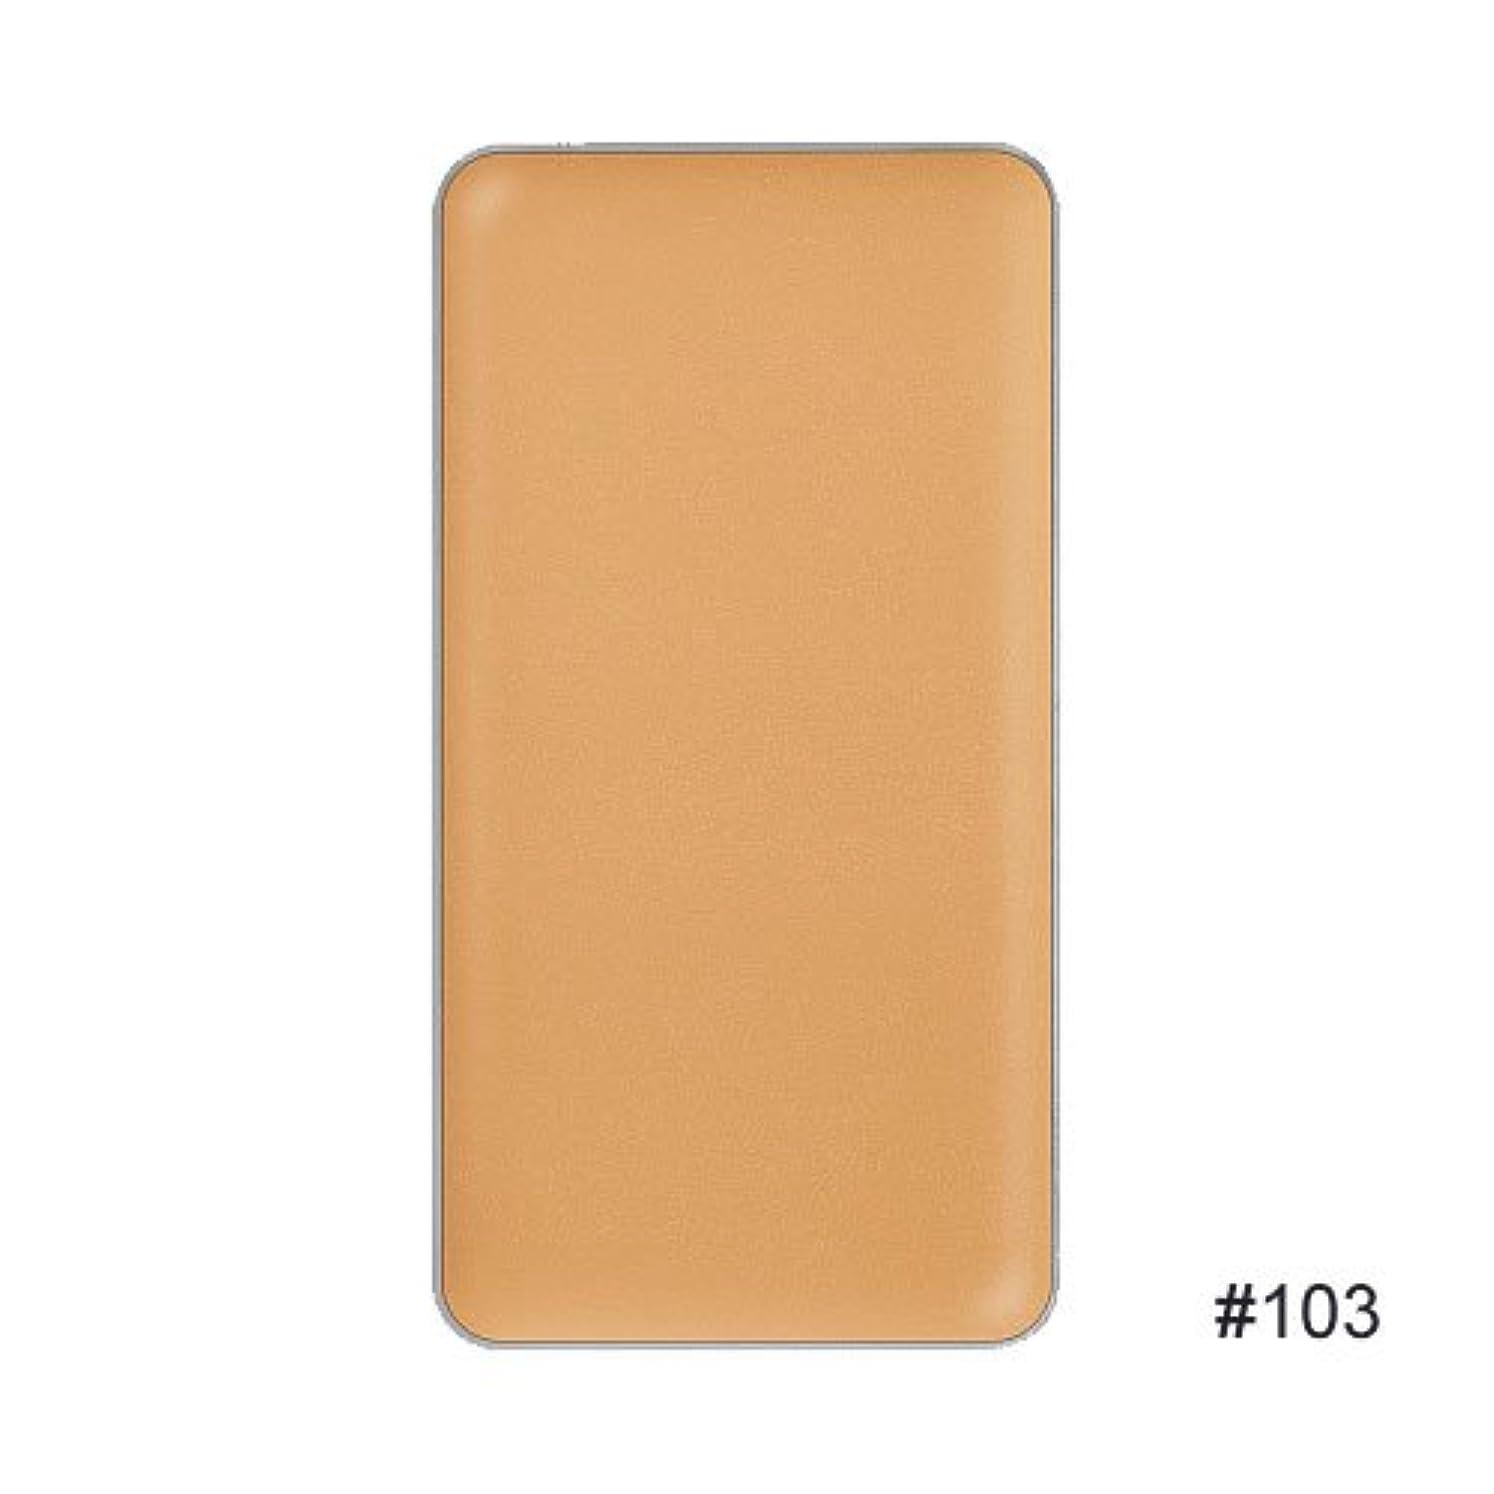 建設石のアリーナ【RMK (ルミコ)】3Dフィニッシュヌード F (レフィル) ファンデーションカラー #103 3g